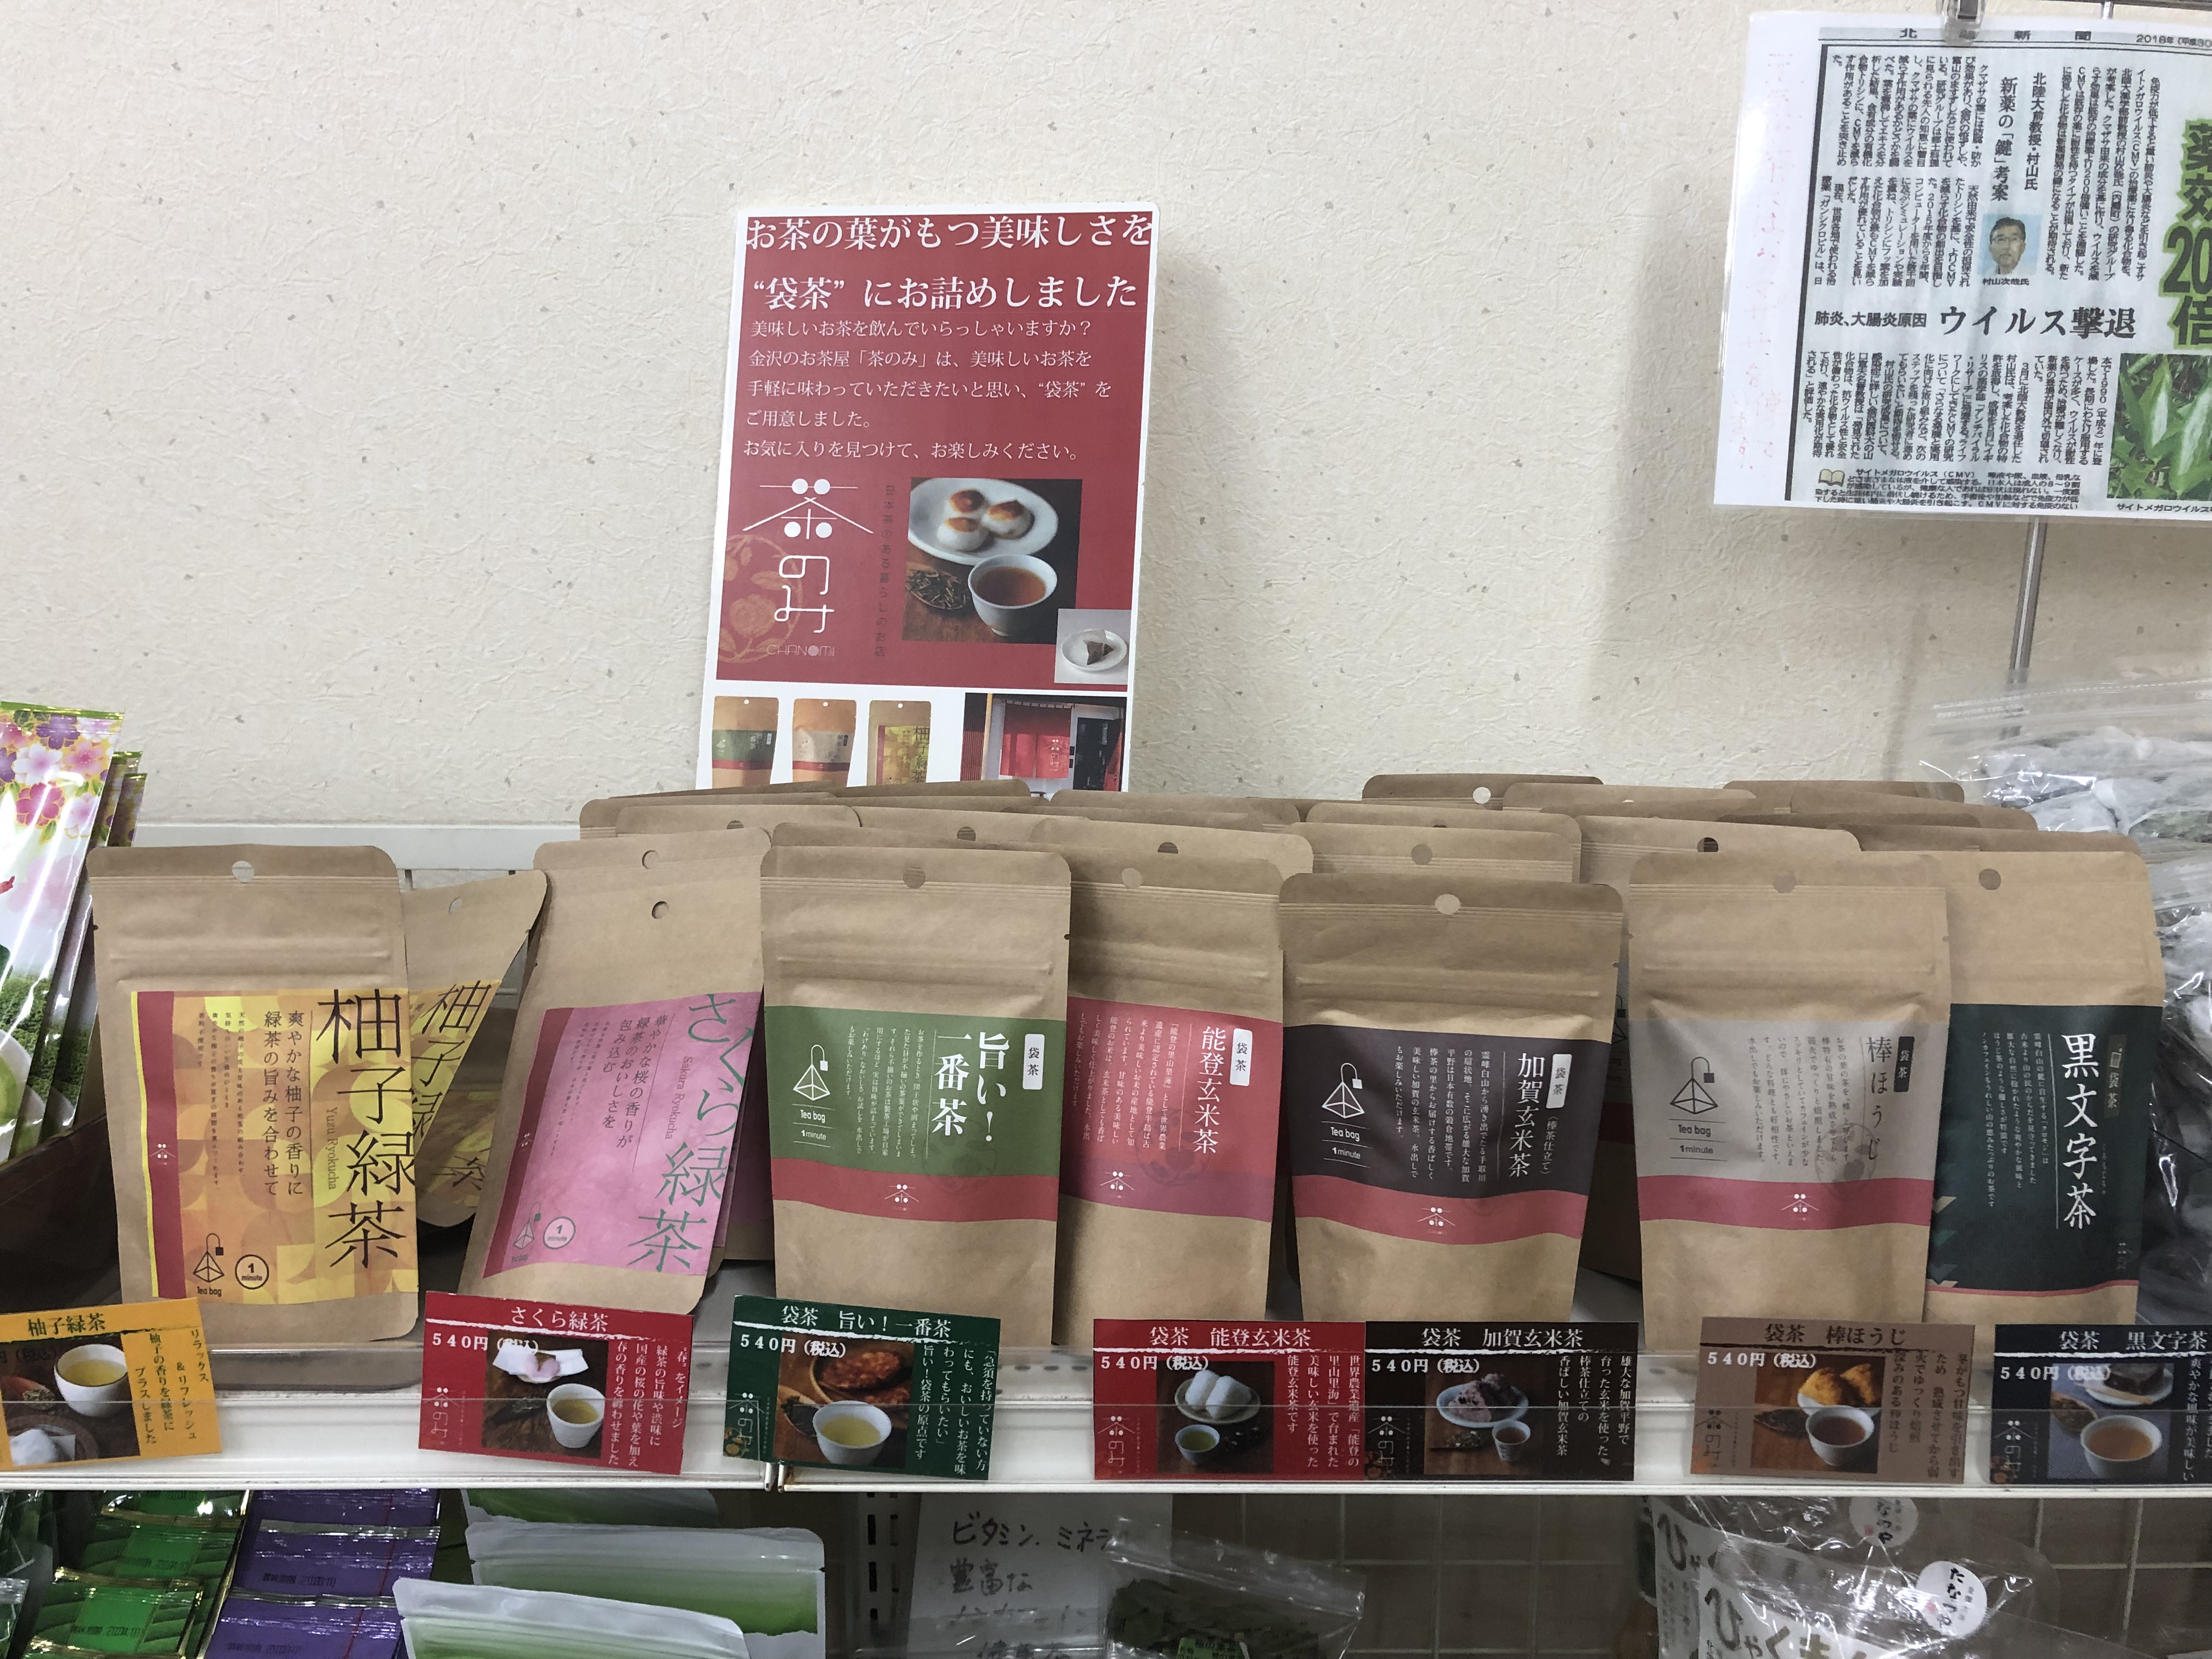 金沢市の抹茶ドリンク専門店の茶のみ